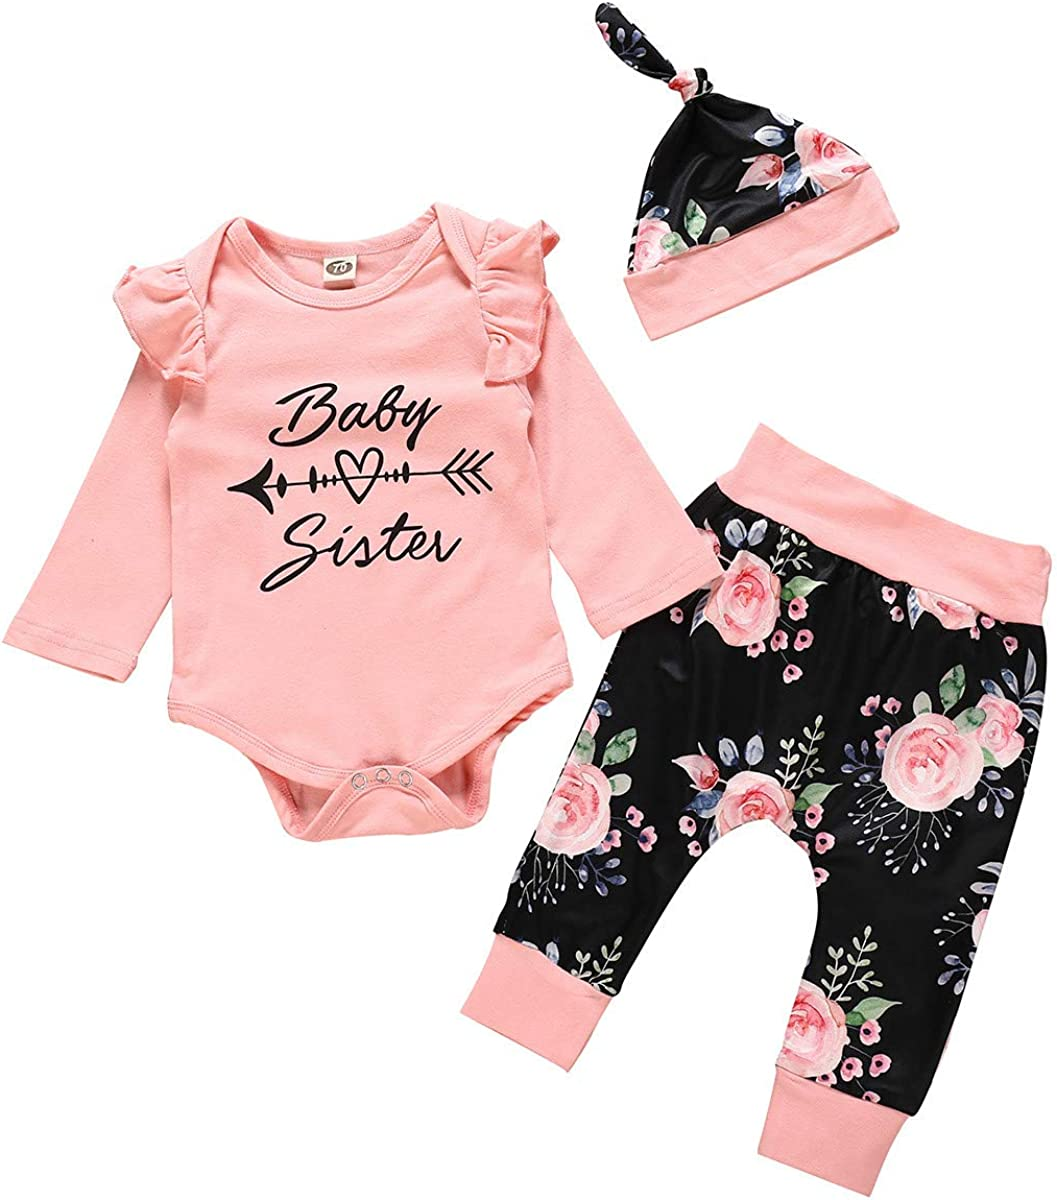 Ropa Bebe Niña Otoño Invierno 0 a 3 6 12 18 24 Meses de Recién Nacido - 3PC/ Conjuntos - Florales Mono de Manga Larga + Pantalones + Diadema